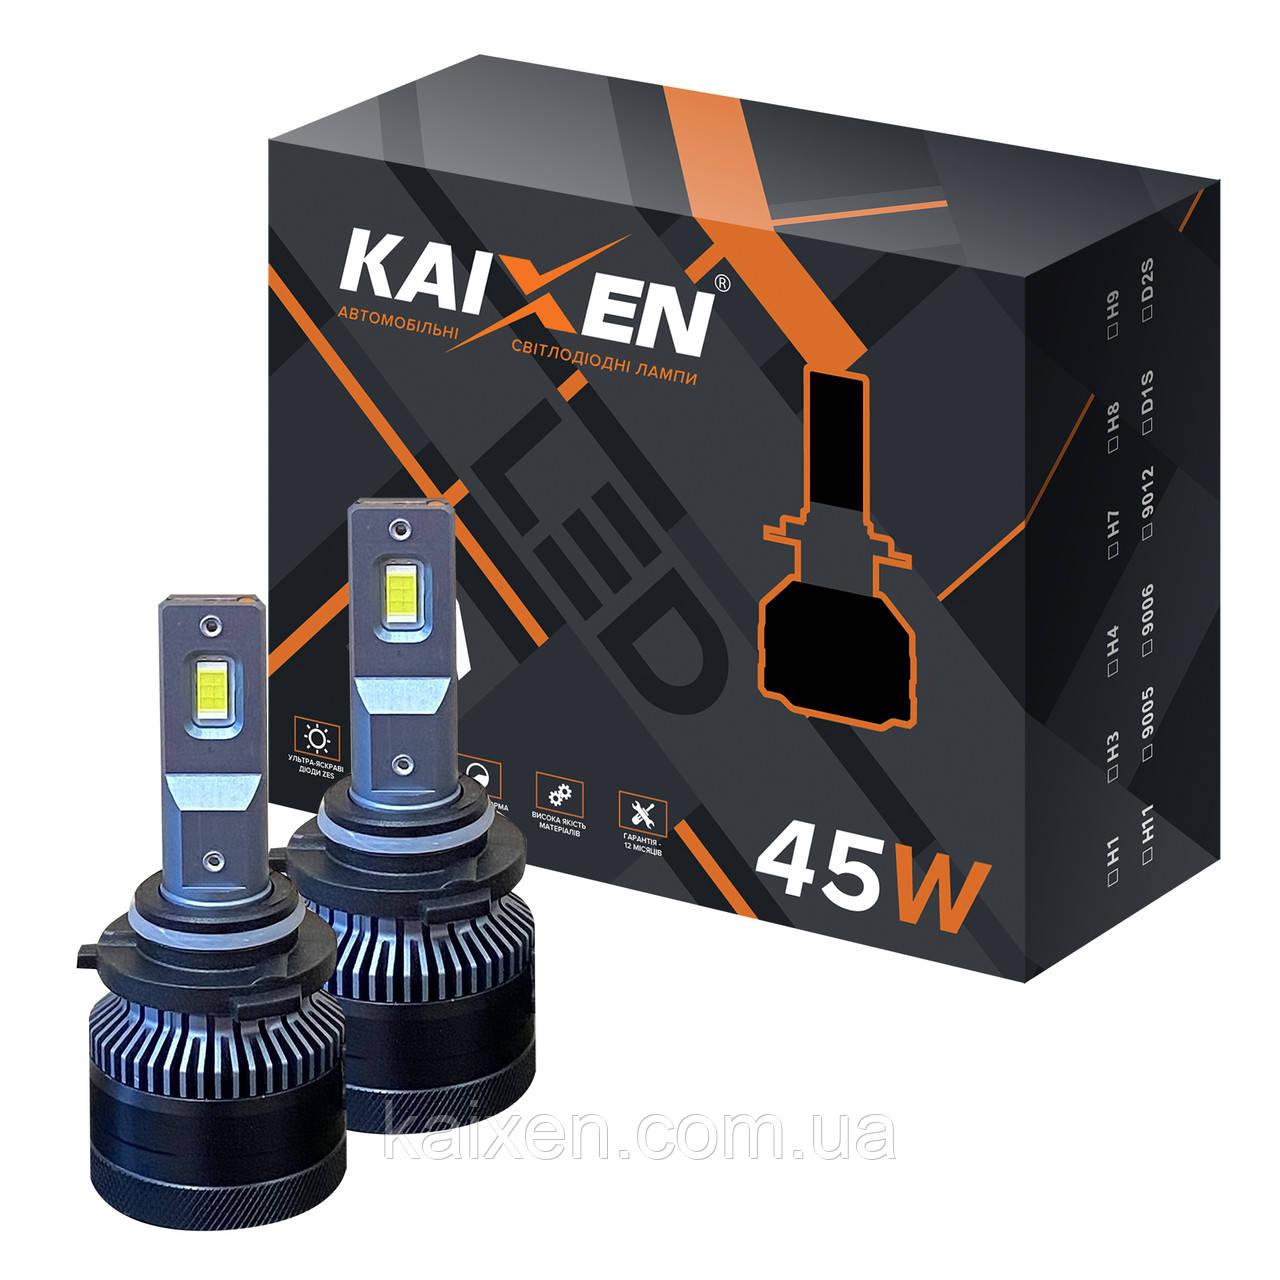 Светодиодные лампы HB4/9006 KAIXEN K7 (45W-6000K-CANBUS)